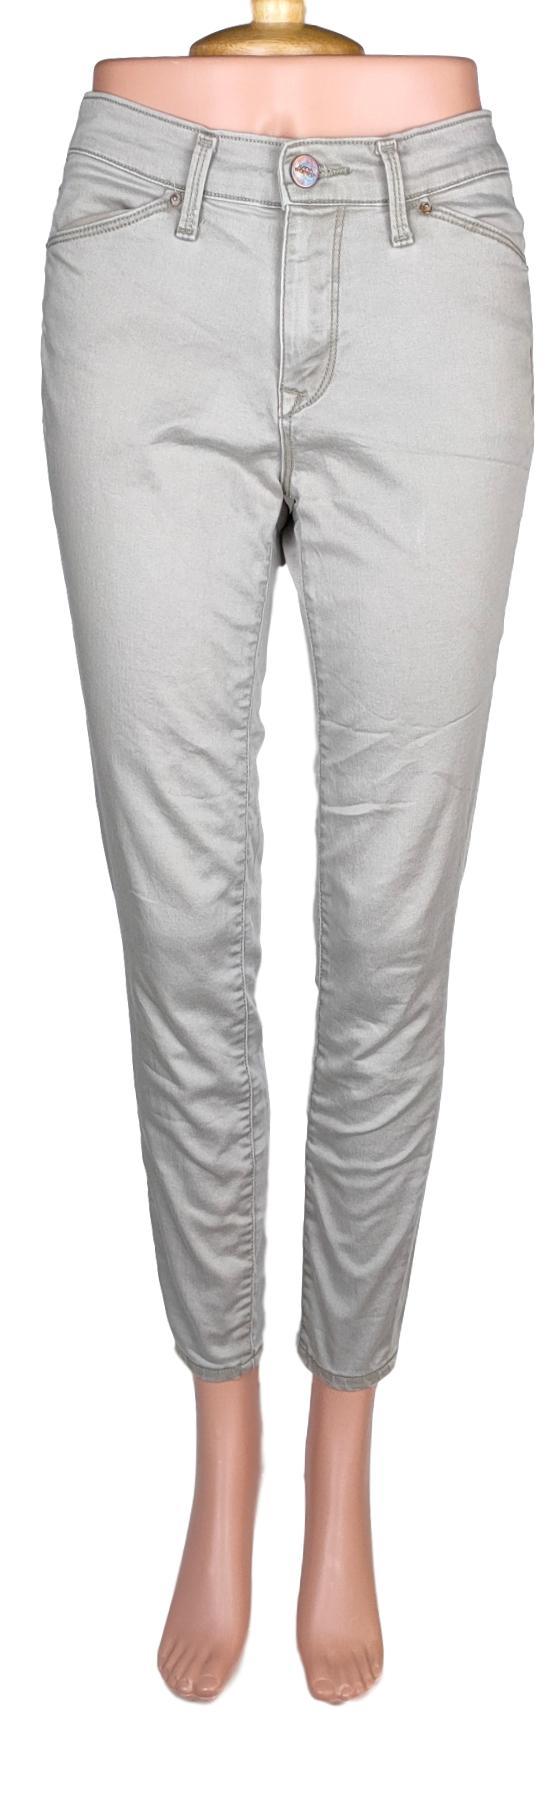 Zara - Taille 36